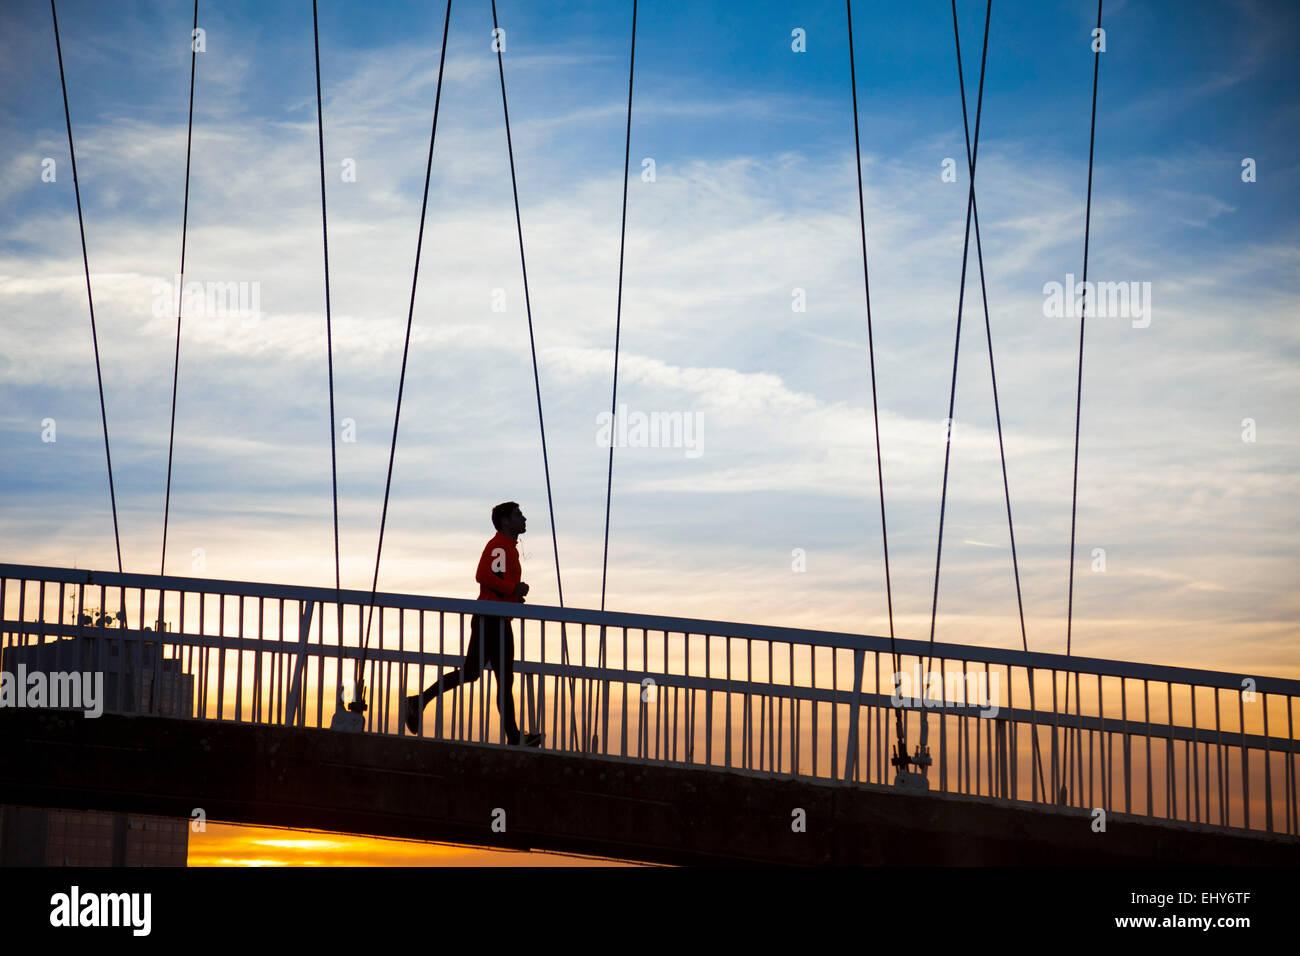 Man jogging on bridge at sunset - Stock Image